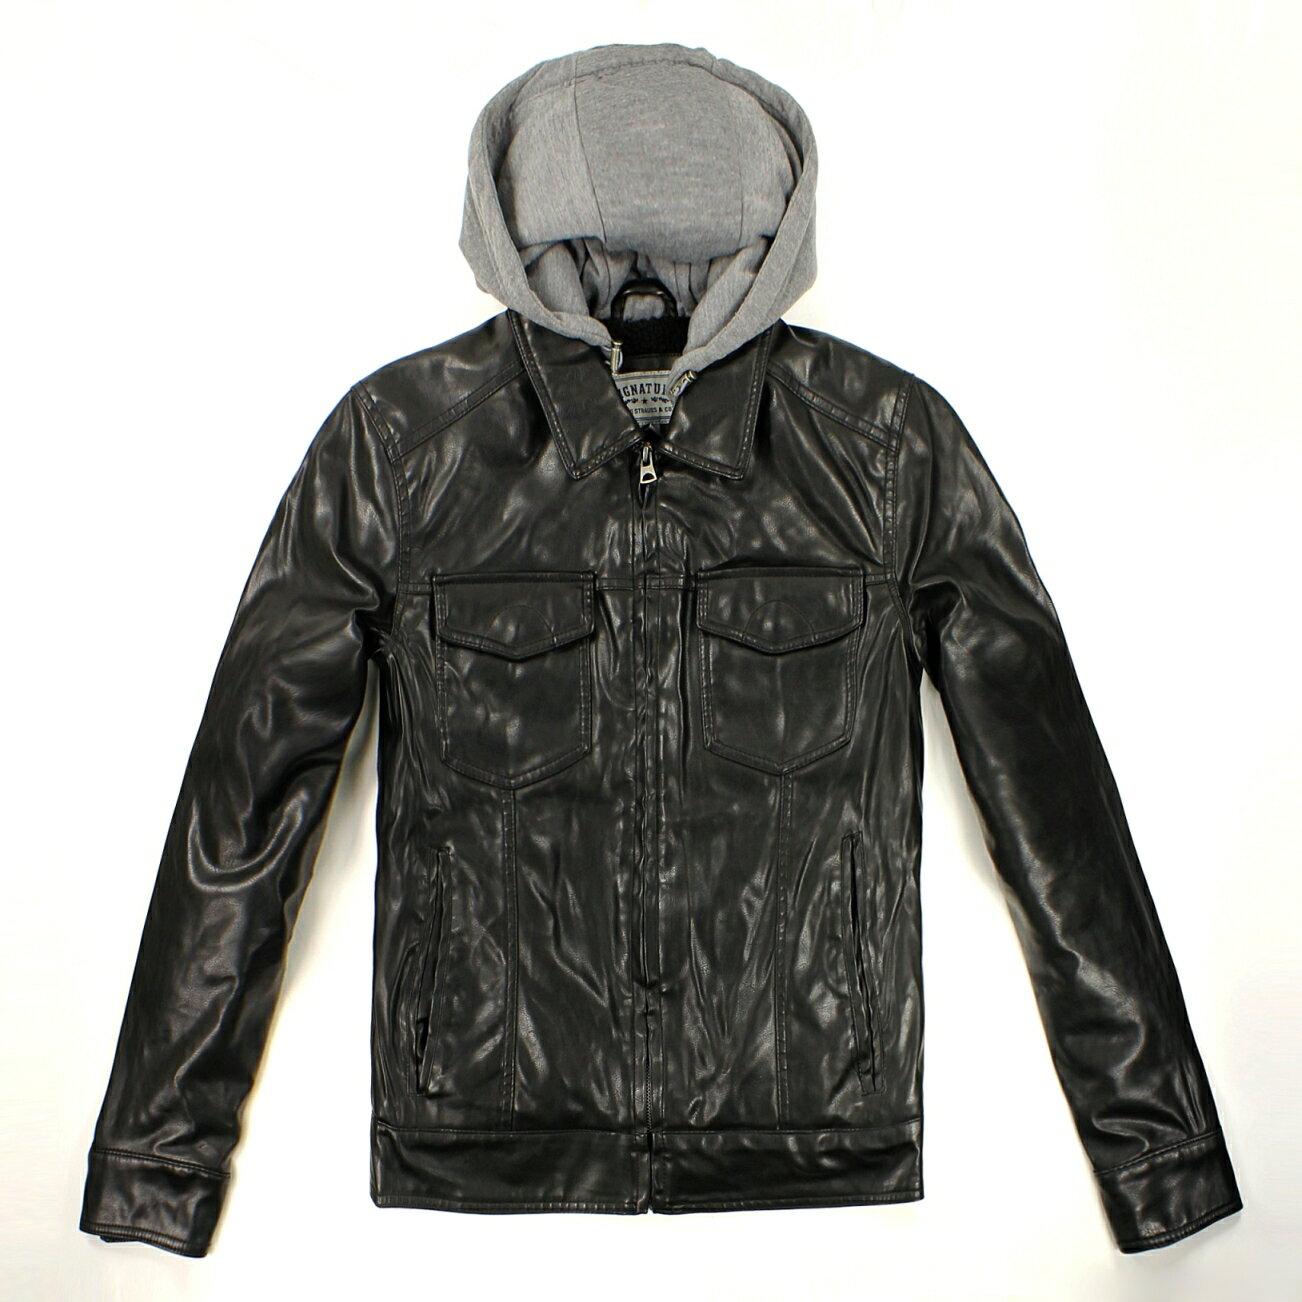 美國百分百【全新真品】Levis 外套 連帽外套 夾克 皮衣 黑色 男衣 厚 口袋 復古 L號 C067